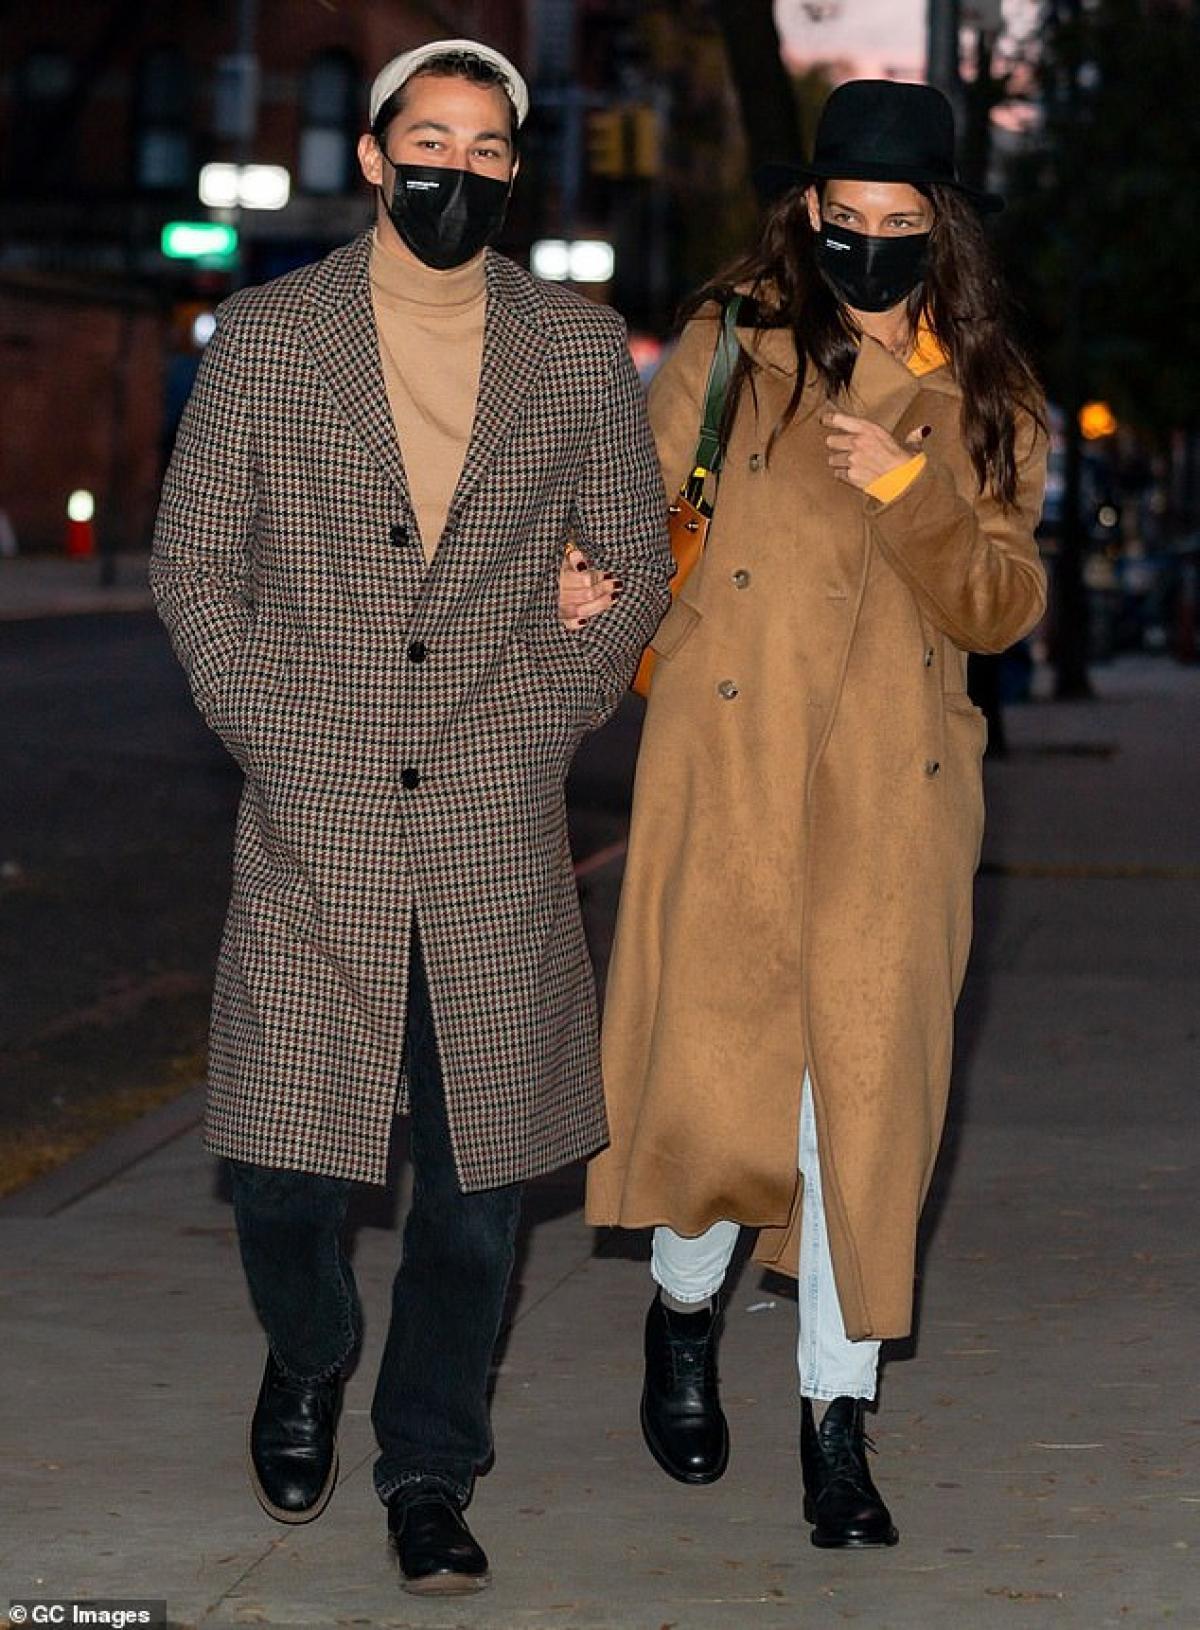 Katie Holmes thân mật khoác tay tình trẻ đi dạo dưới tiết trời thu tuyệt đẹp Ảnh 1